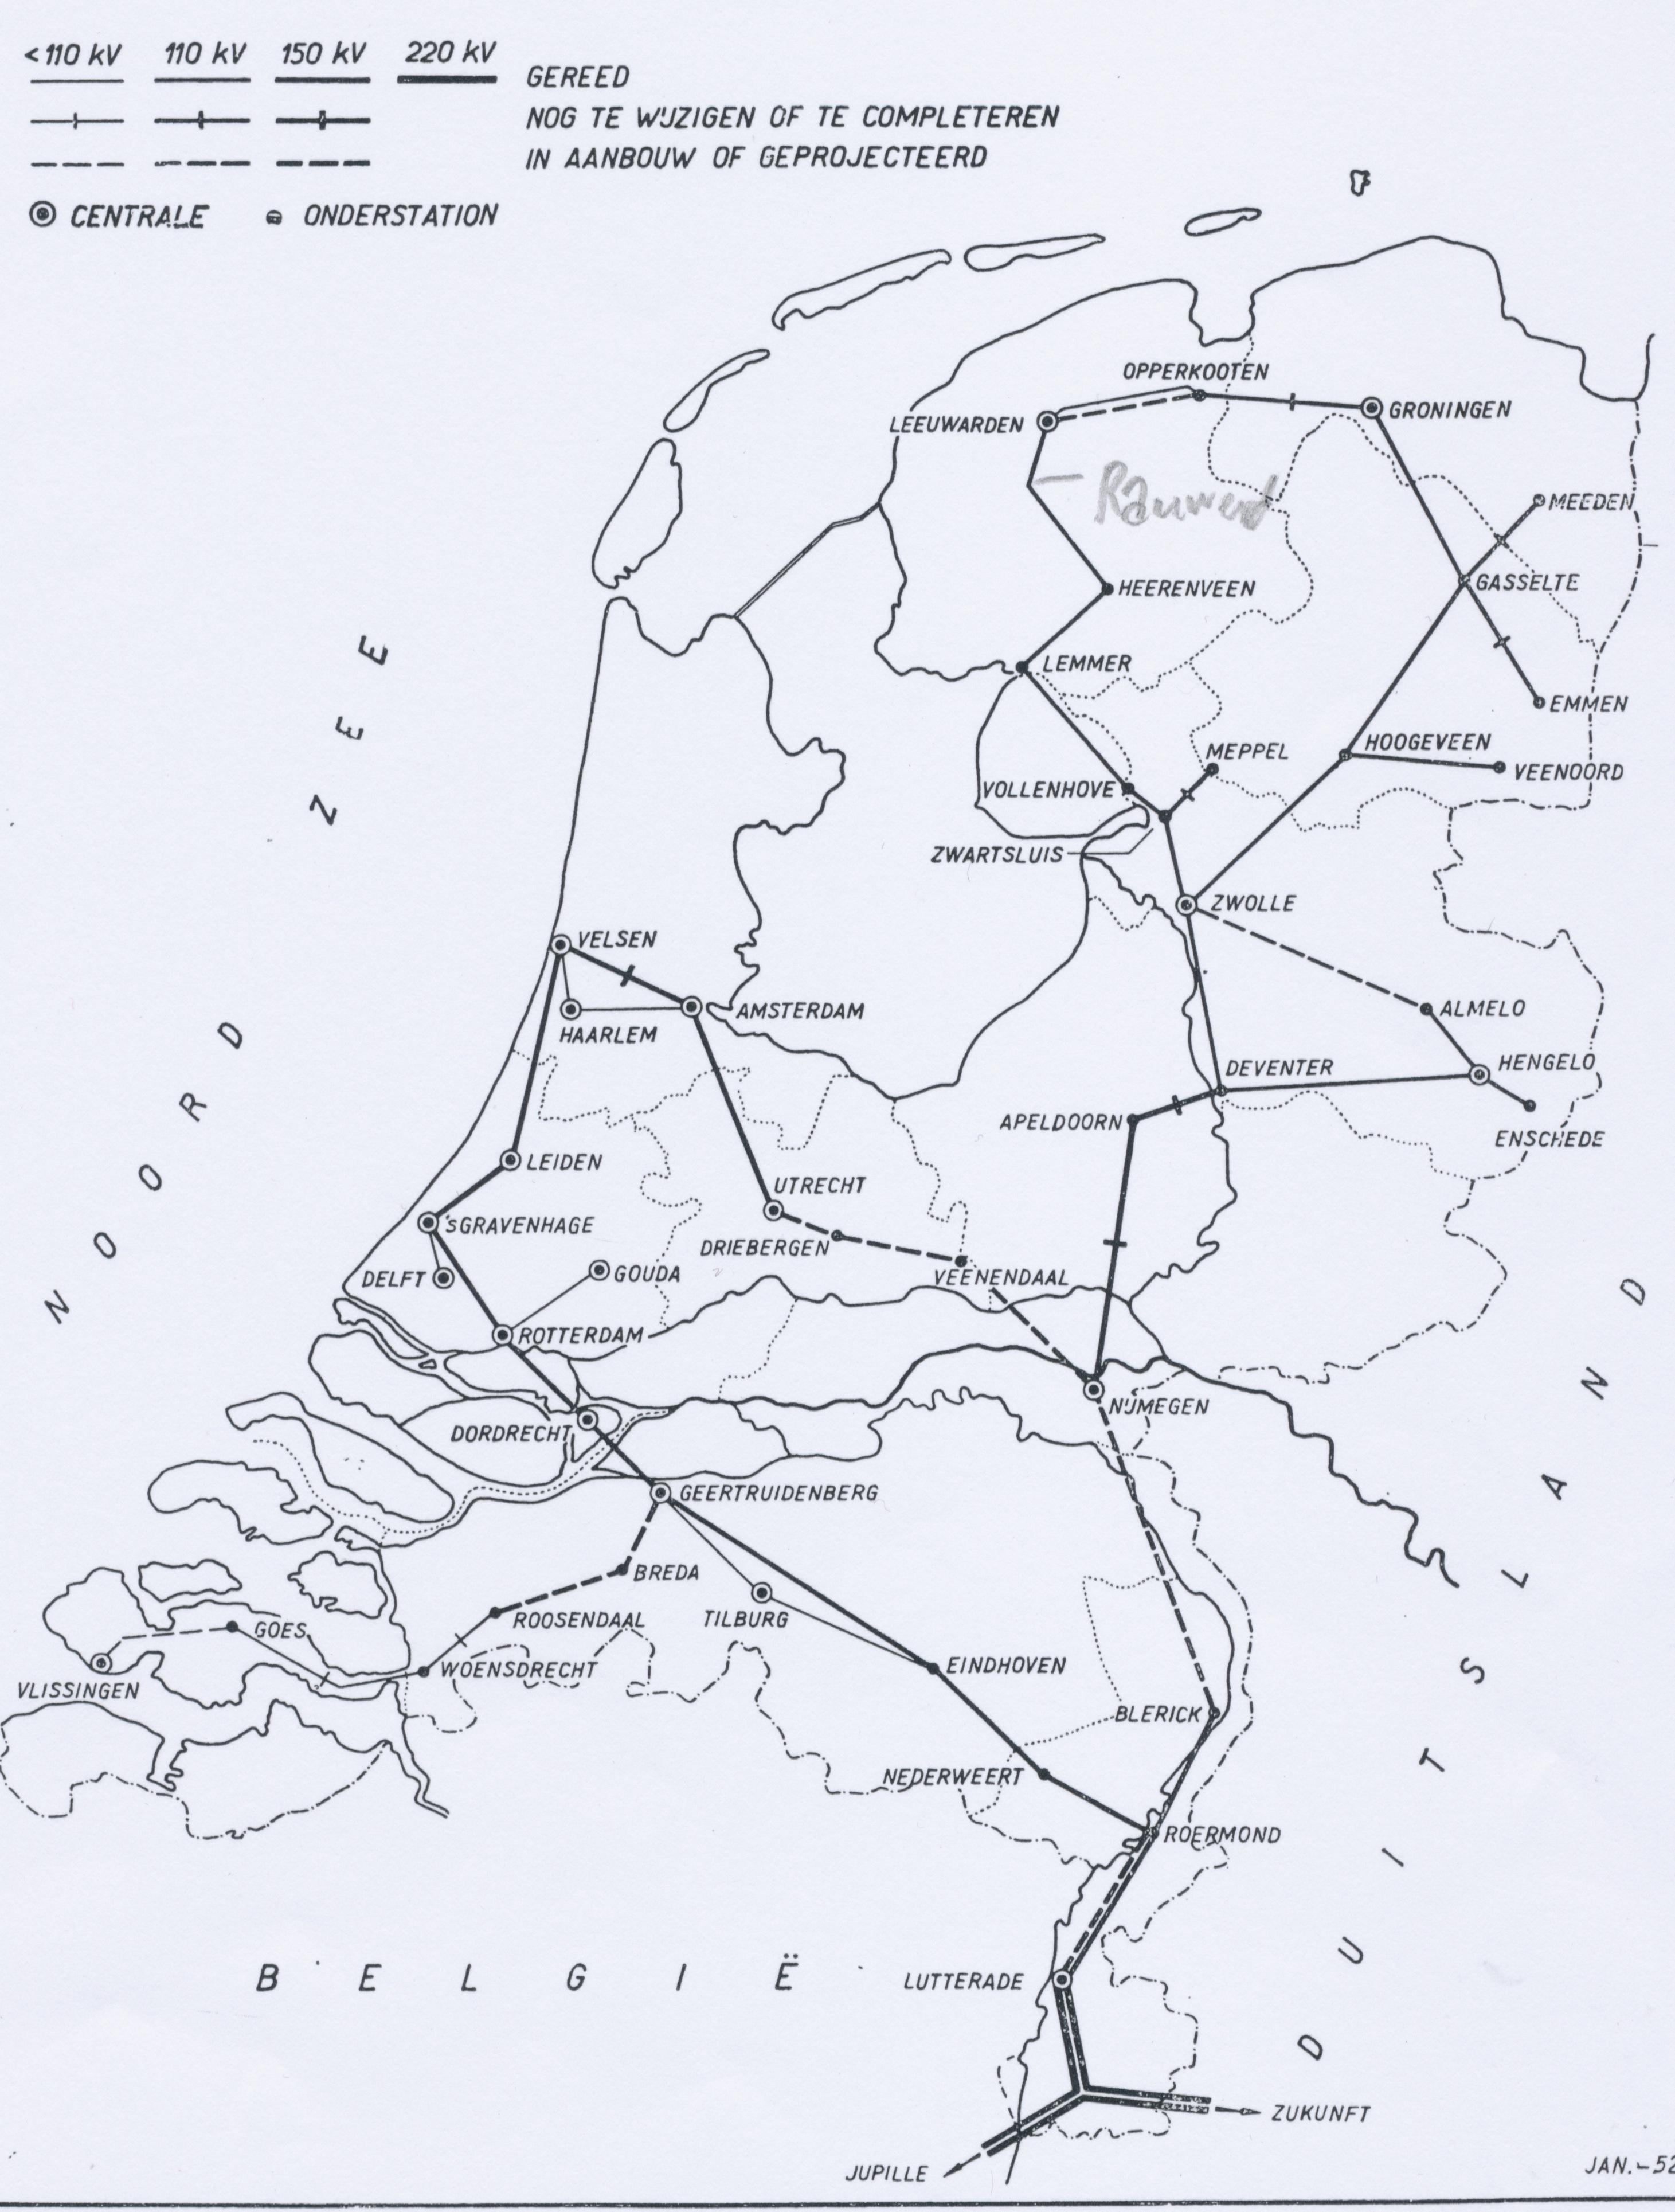 Netkaart van 1959